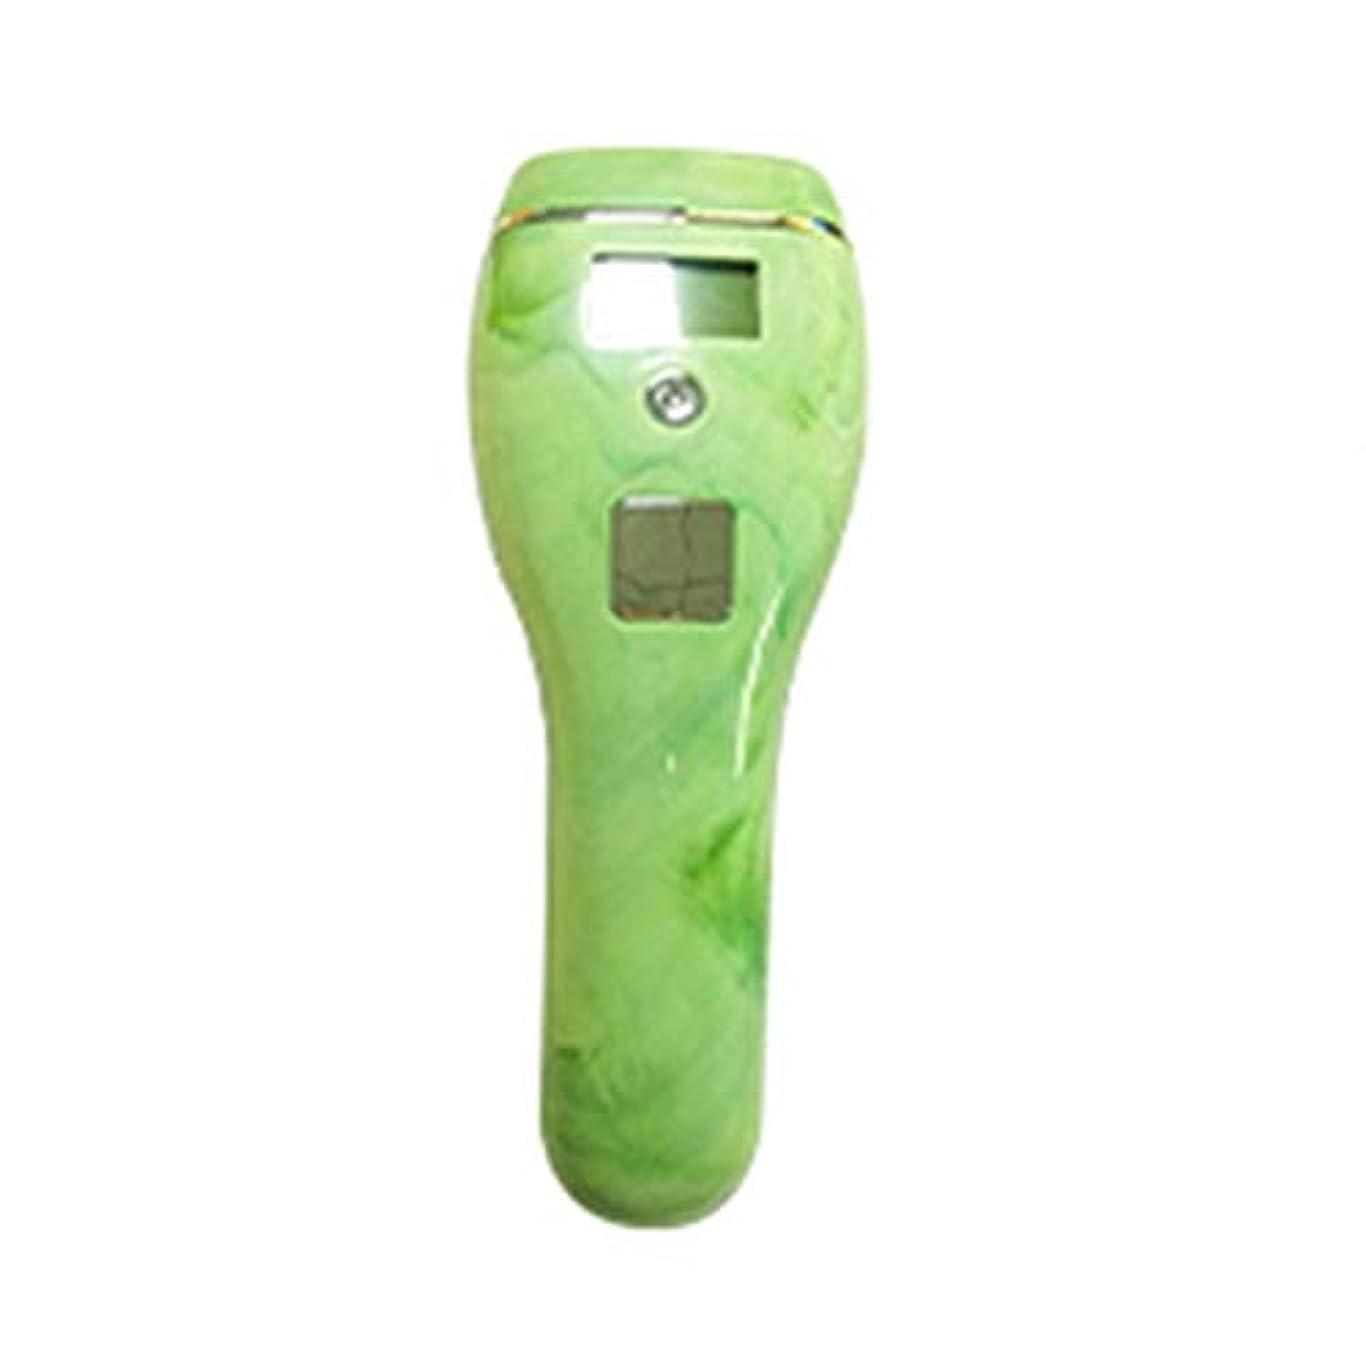 確認騒々しい泳ぐダパイ 自動肌のカラーセンシング、グリーン、5速調整、クォーツチューブ、携帯用痛みのない全身凍結乾燥用除湿器、サイズ19x7x5cm U546 (Color : Green)